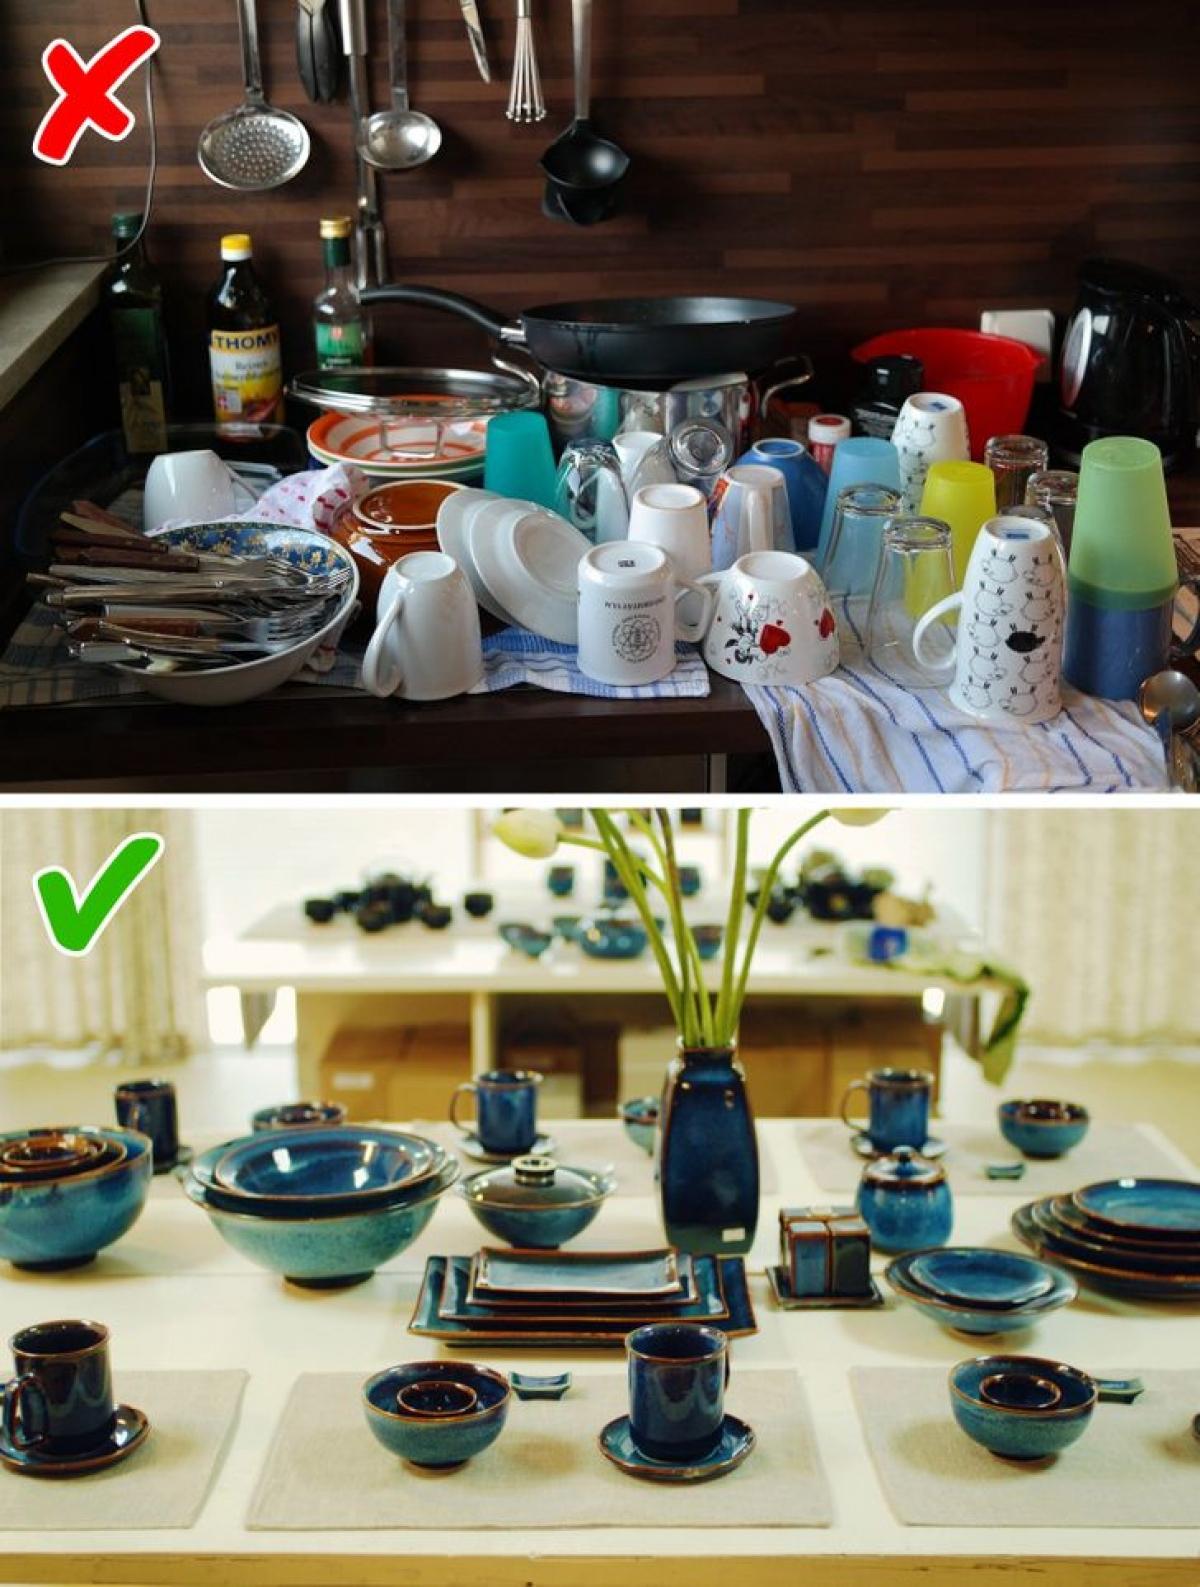 Cùng một phong cách: Bạn có thể bỏ ra rất nhiều tiền để mua những món nội thất nhà bếp đắt đỏ, nhưng công sức đó có thể trở thành vô ích nếu bạn mua đồ không khớp với nhau. Lời khuyên là bạn hãy lựa chọn chén, bát, lọ hoa, ống đũa, dao, thớt... theo một phong cách và một tông màu nhất định, trừ việc chủ định chọn một vài món làm điểm nhấn.